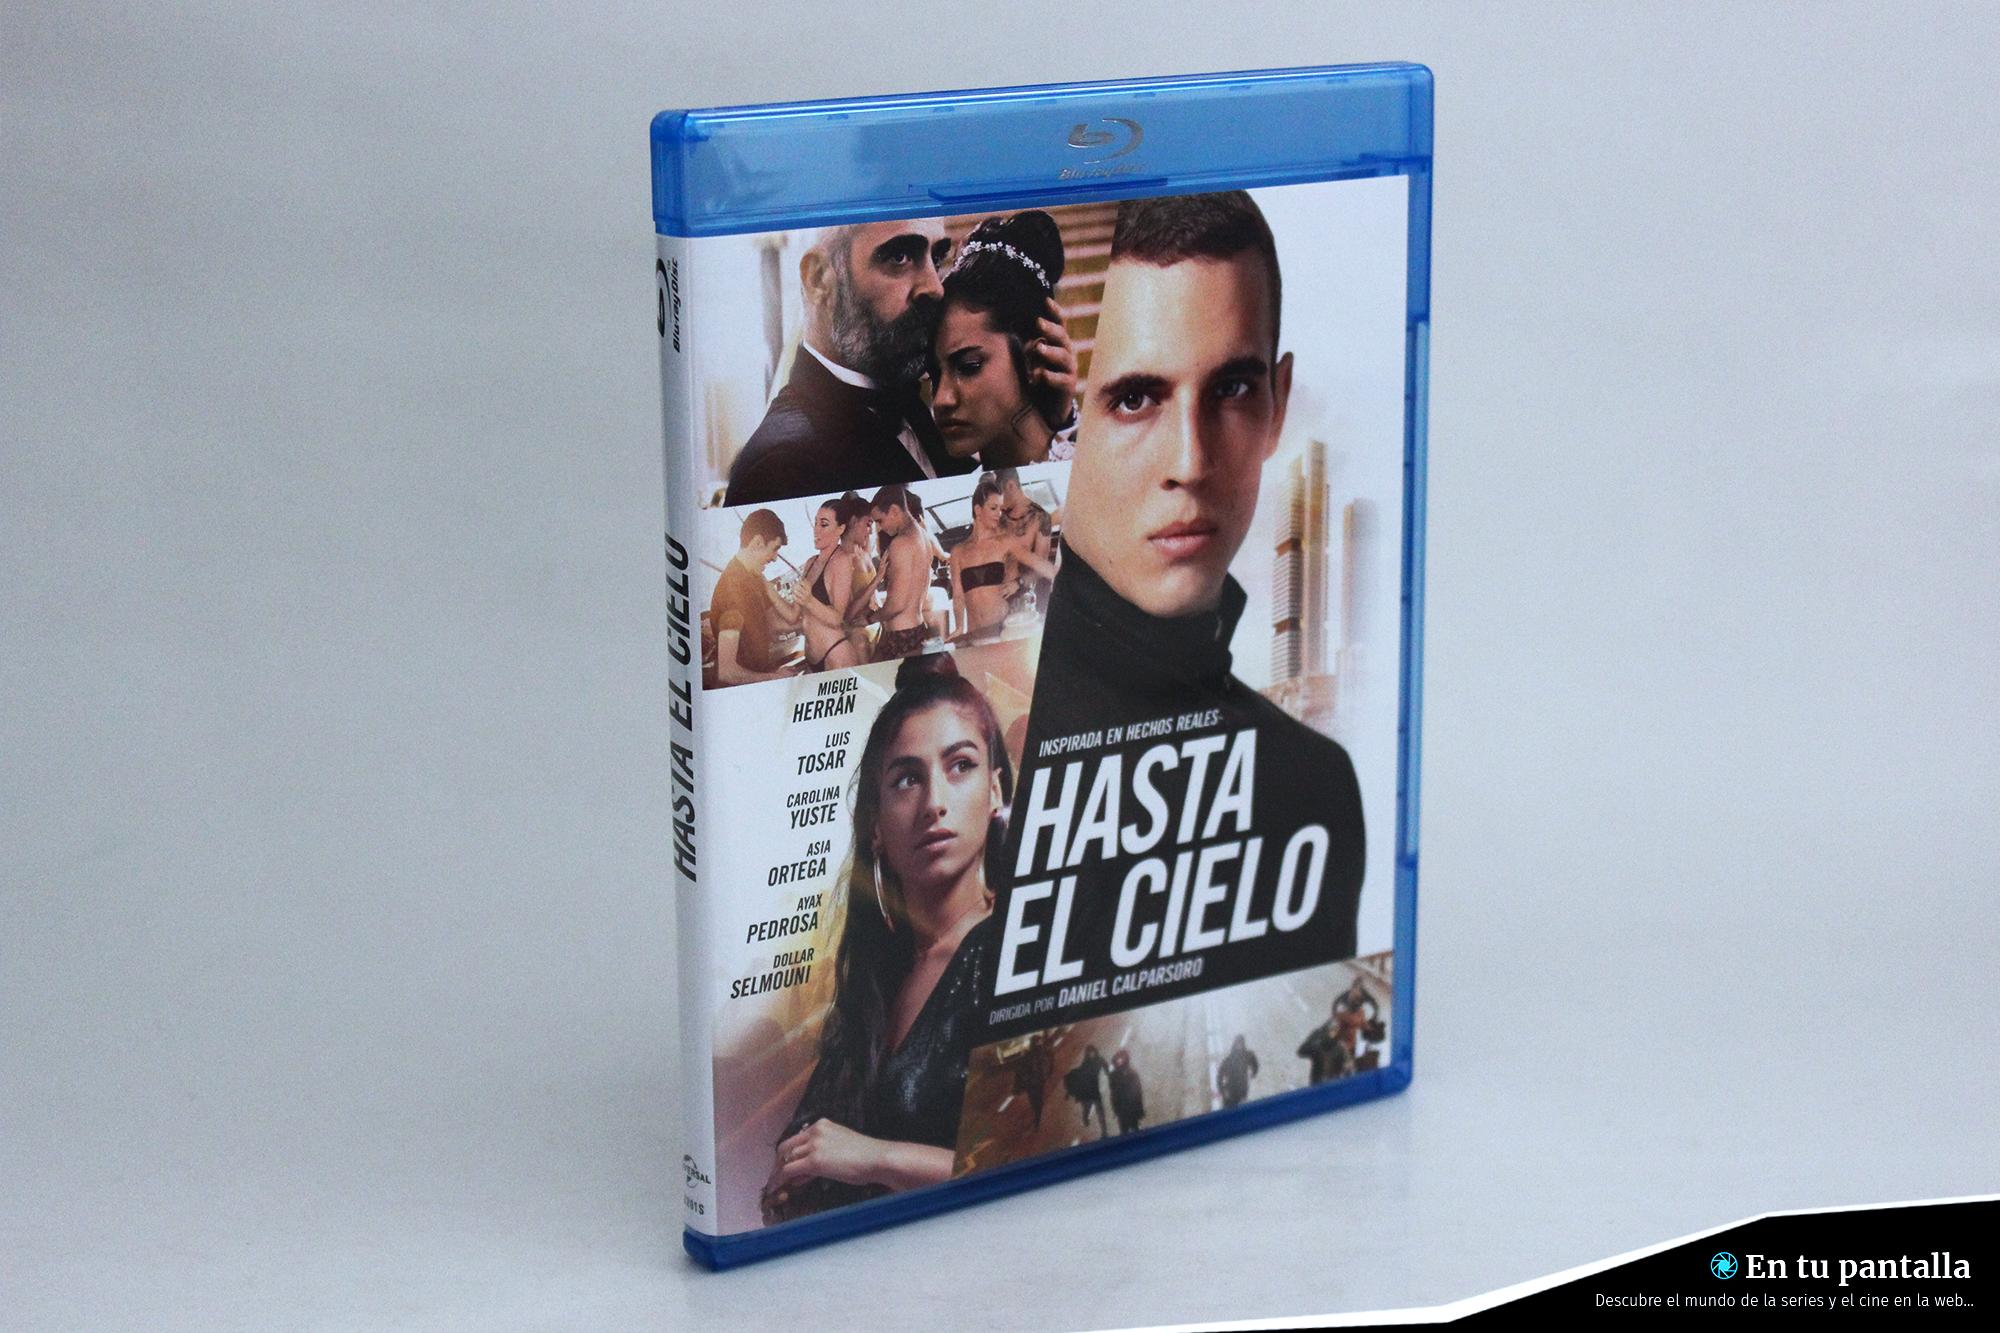 Análisis Blu-ray: 'Hasta el cielo', una de las últimas producciones españolas • En tu pantalla